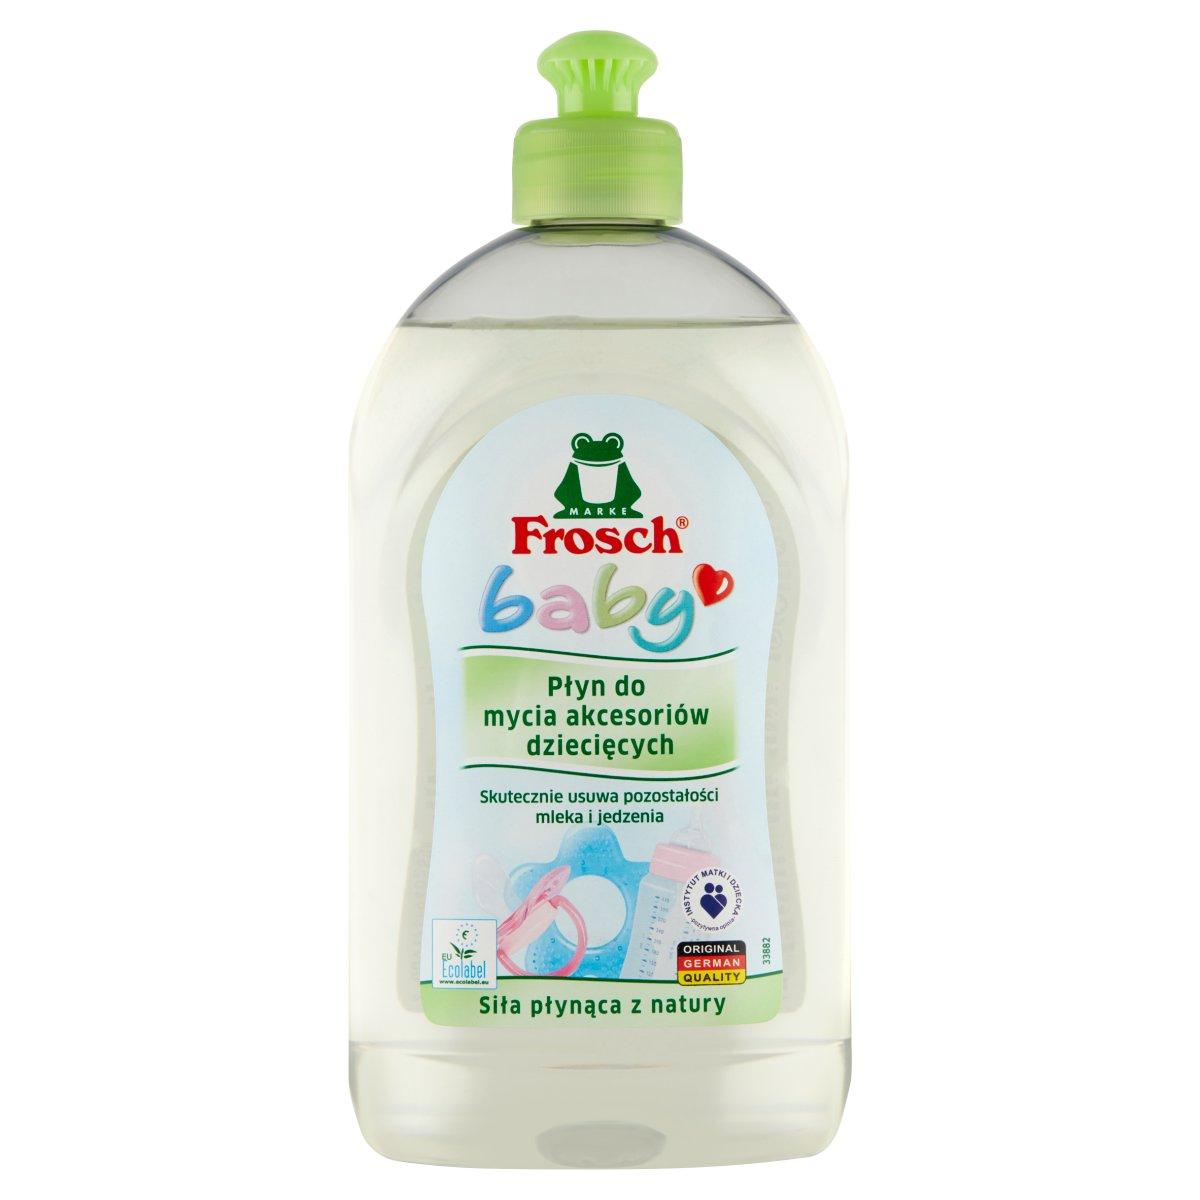 FROSCH Baby Płyn do mycia akcesoriów dziecięcych